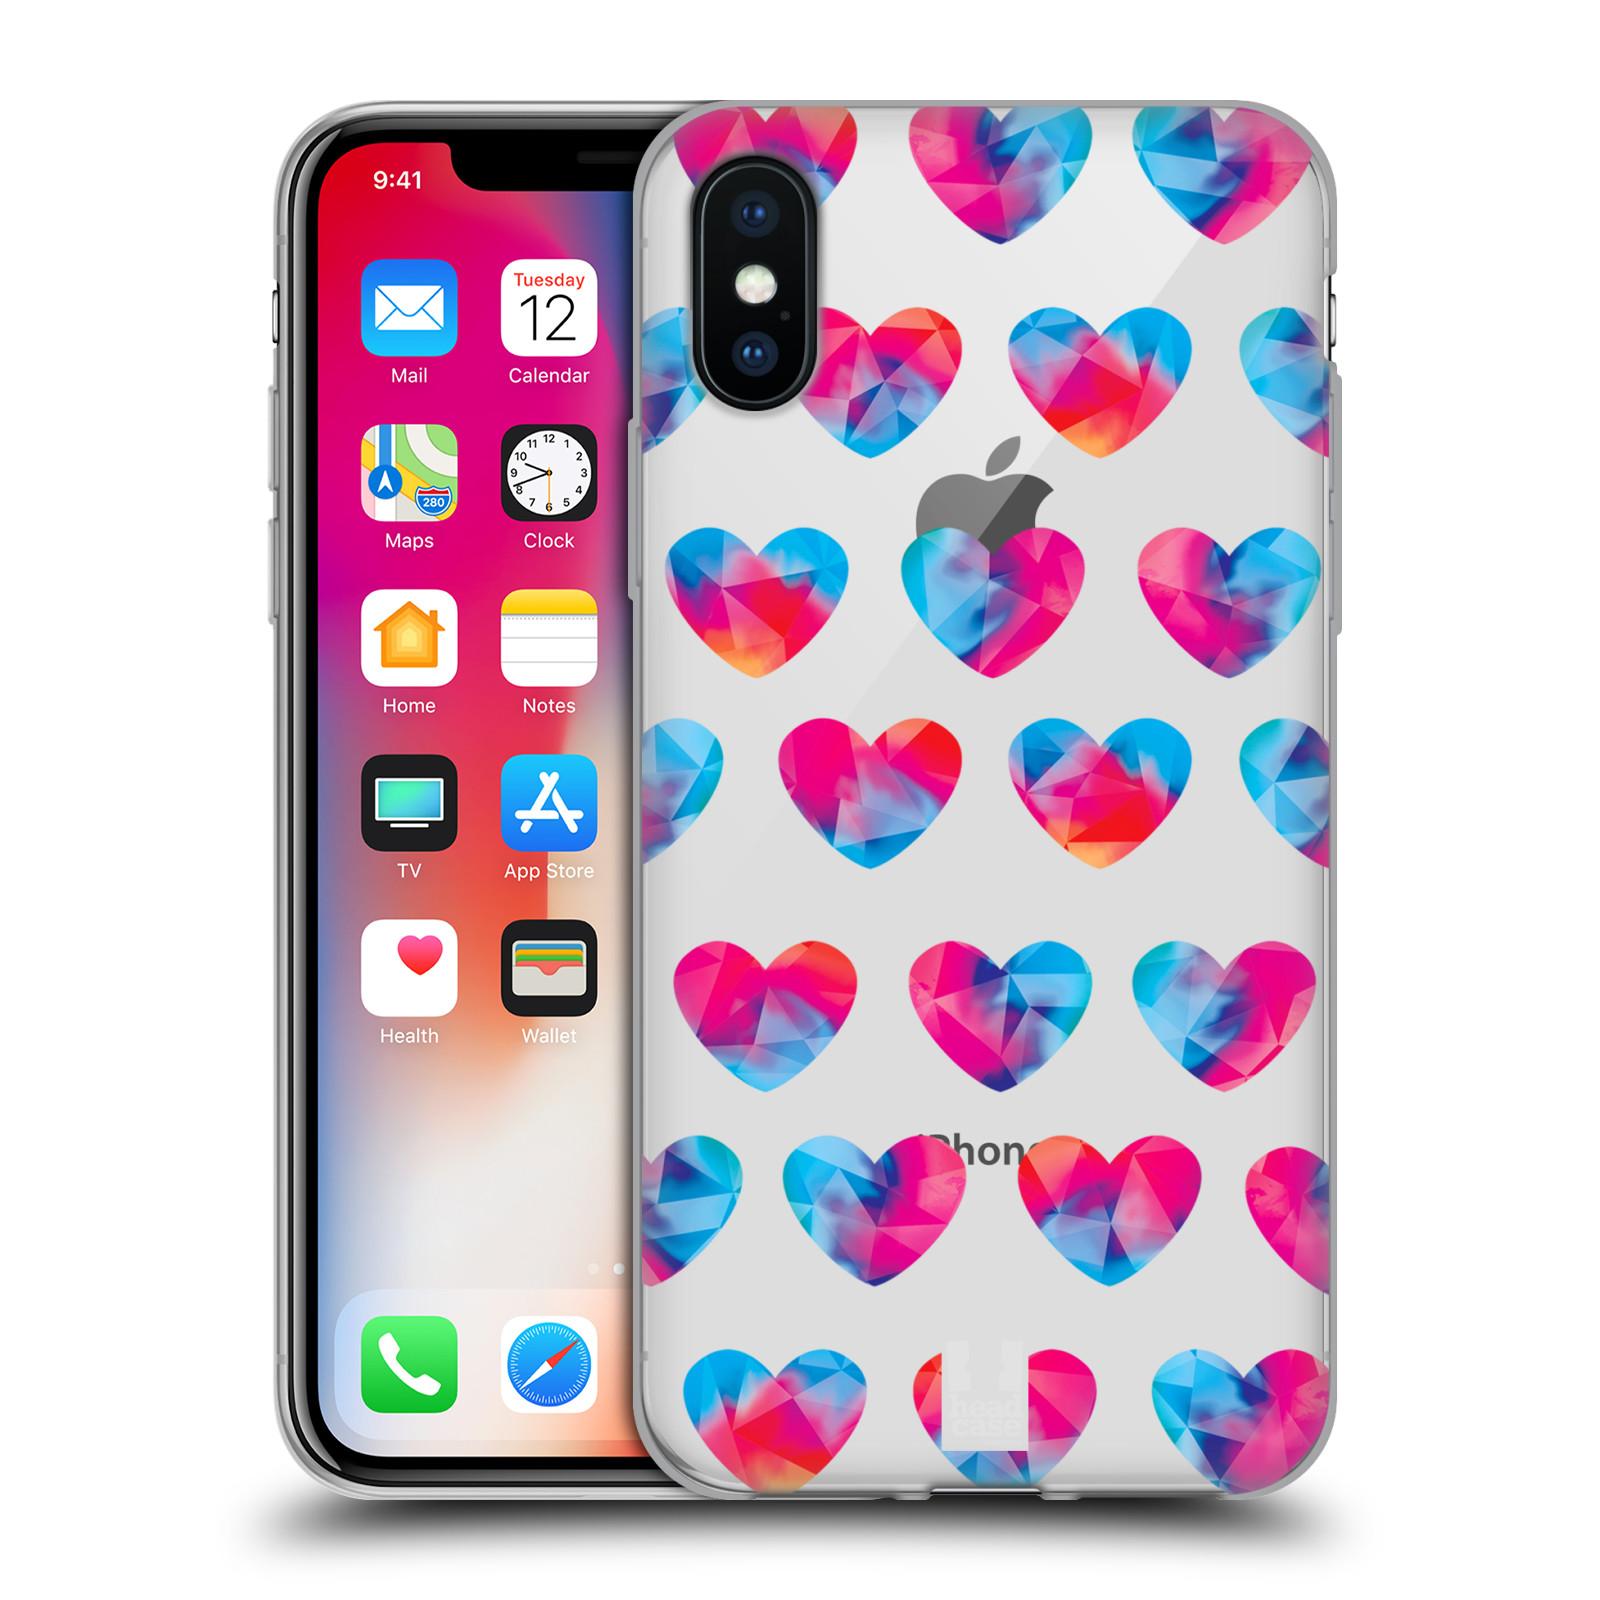 Silikonové pouzdro na mobil Apple iPhone XS - Head Case - Srdíčka hrající barvami